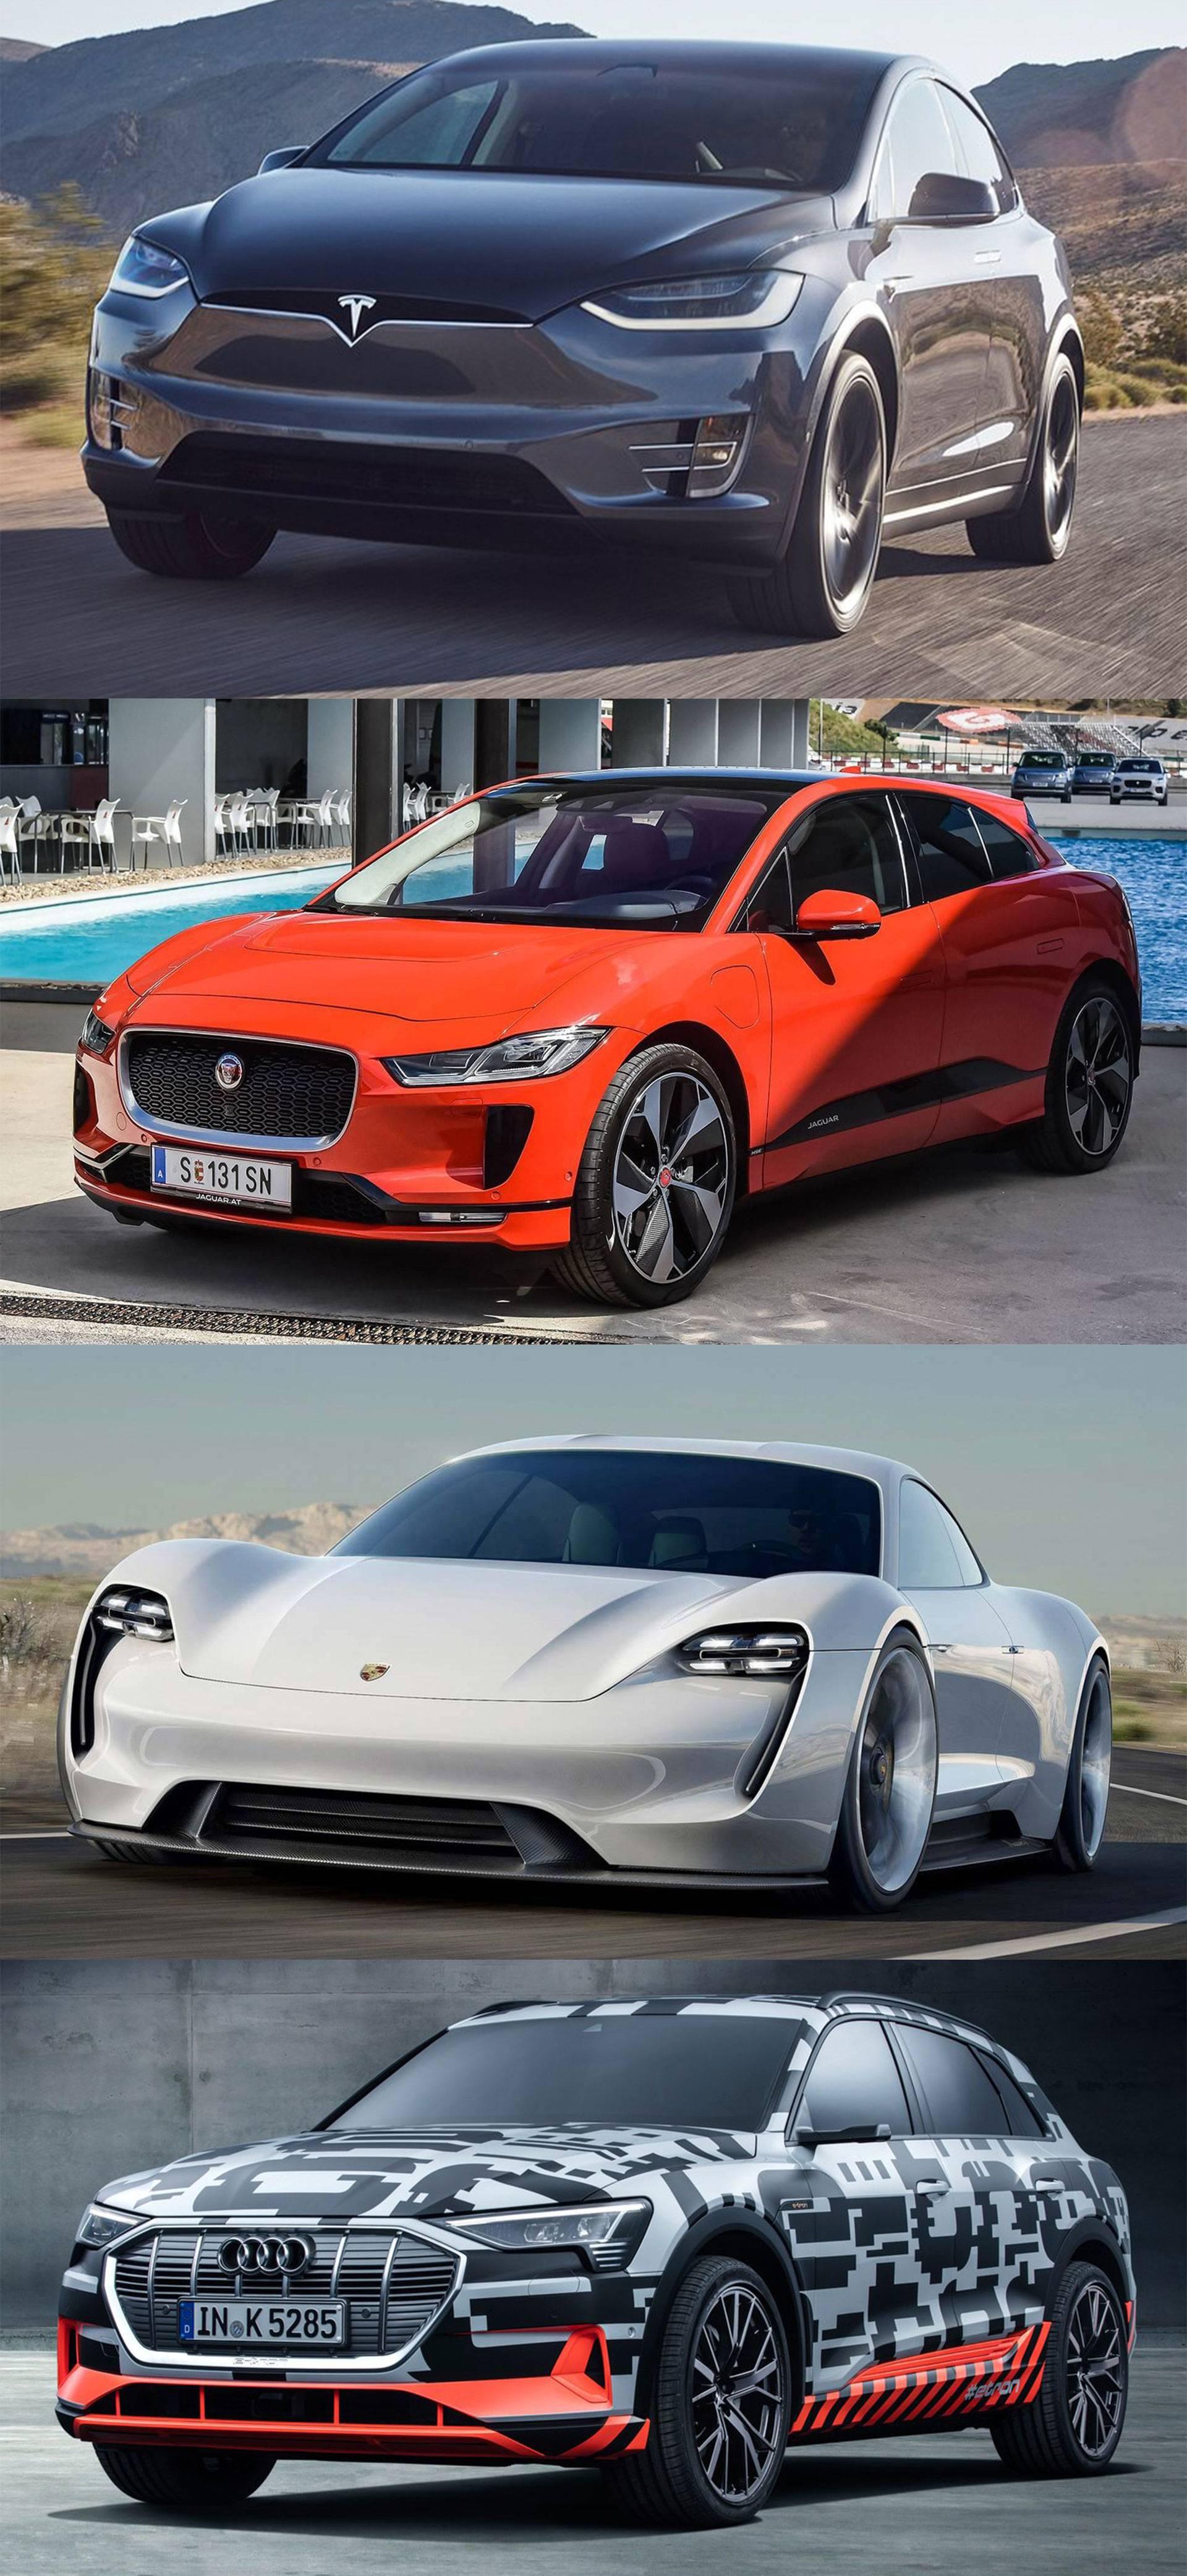 谁强?特斯拉modelx与捷豹,保时捷,奥迪的纯电动车型pk比亚迪f0铉酷型图片